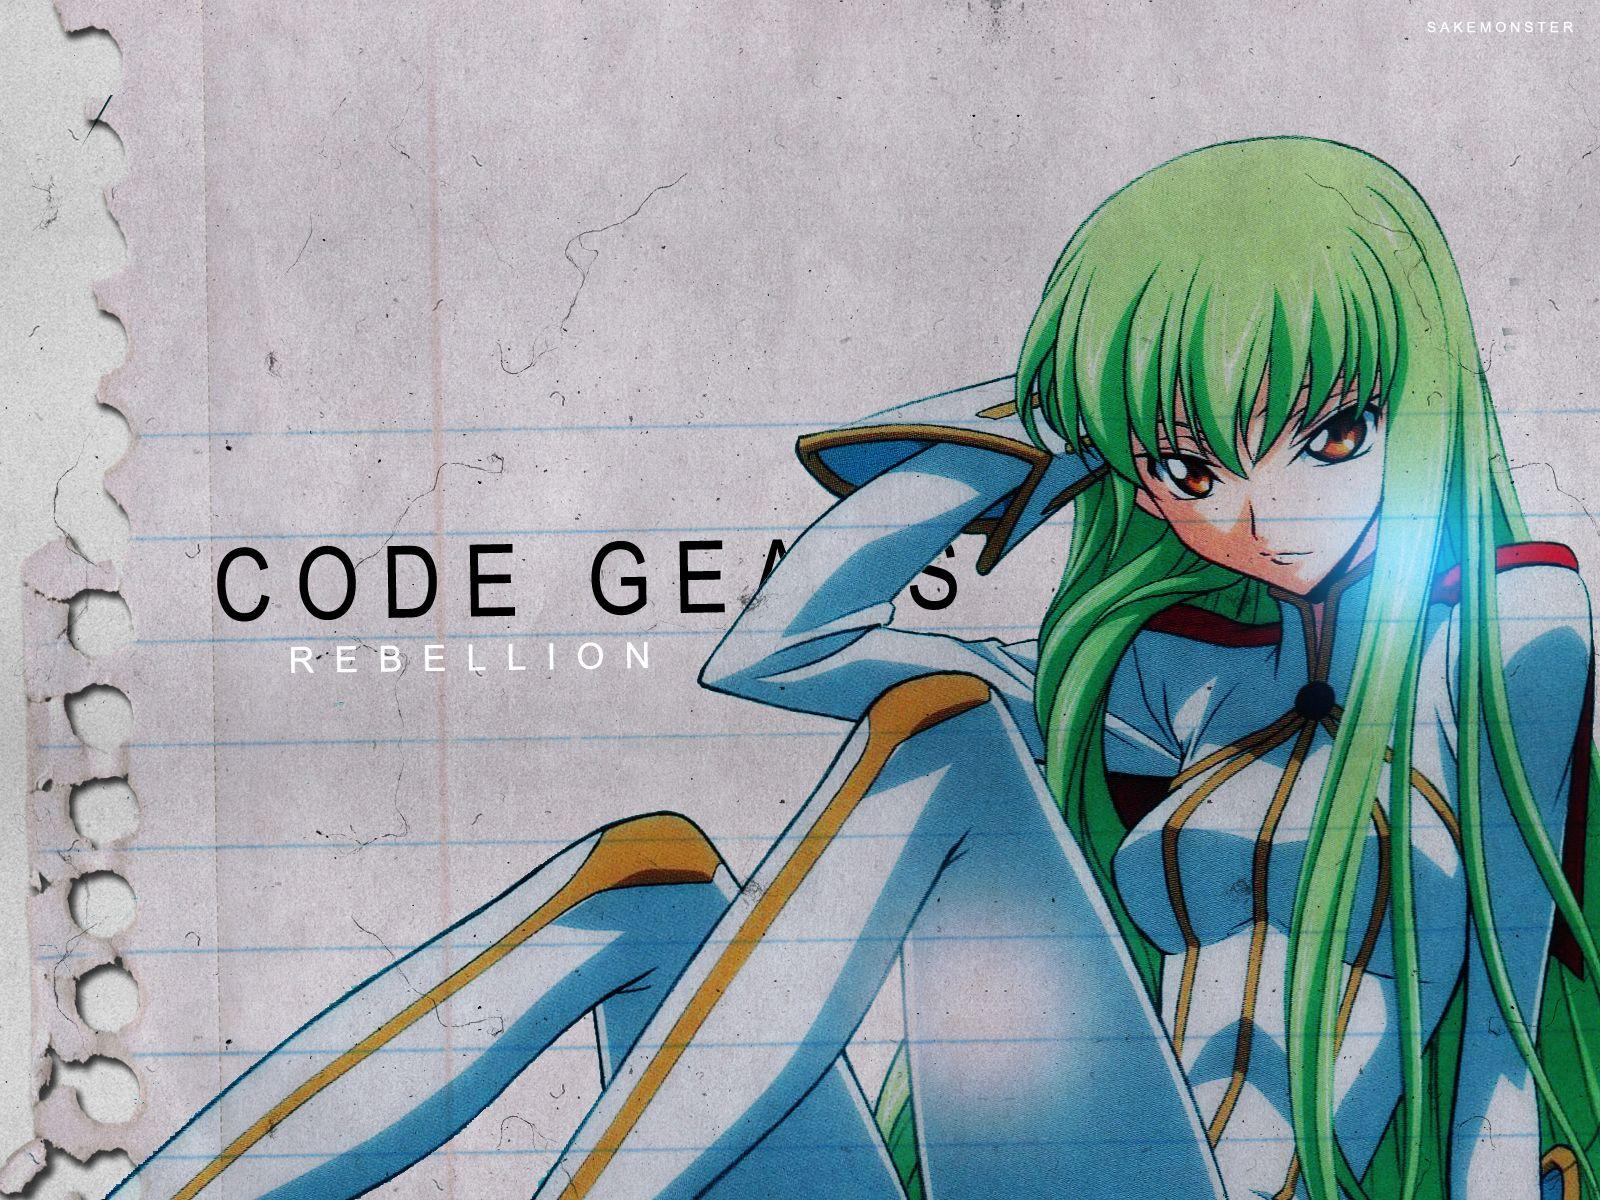 Konachan.com - 35934 cc code_geass